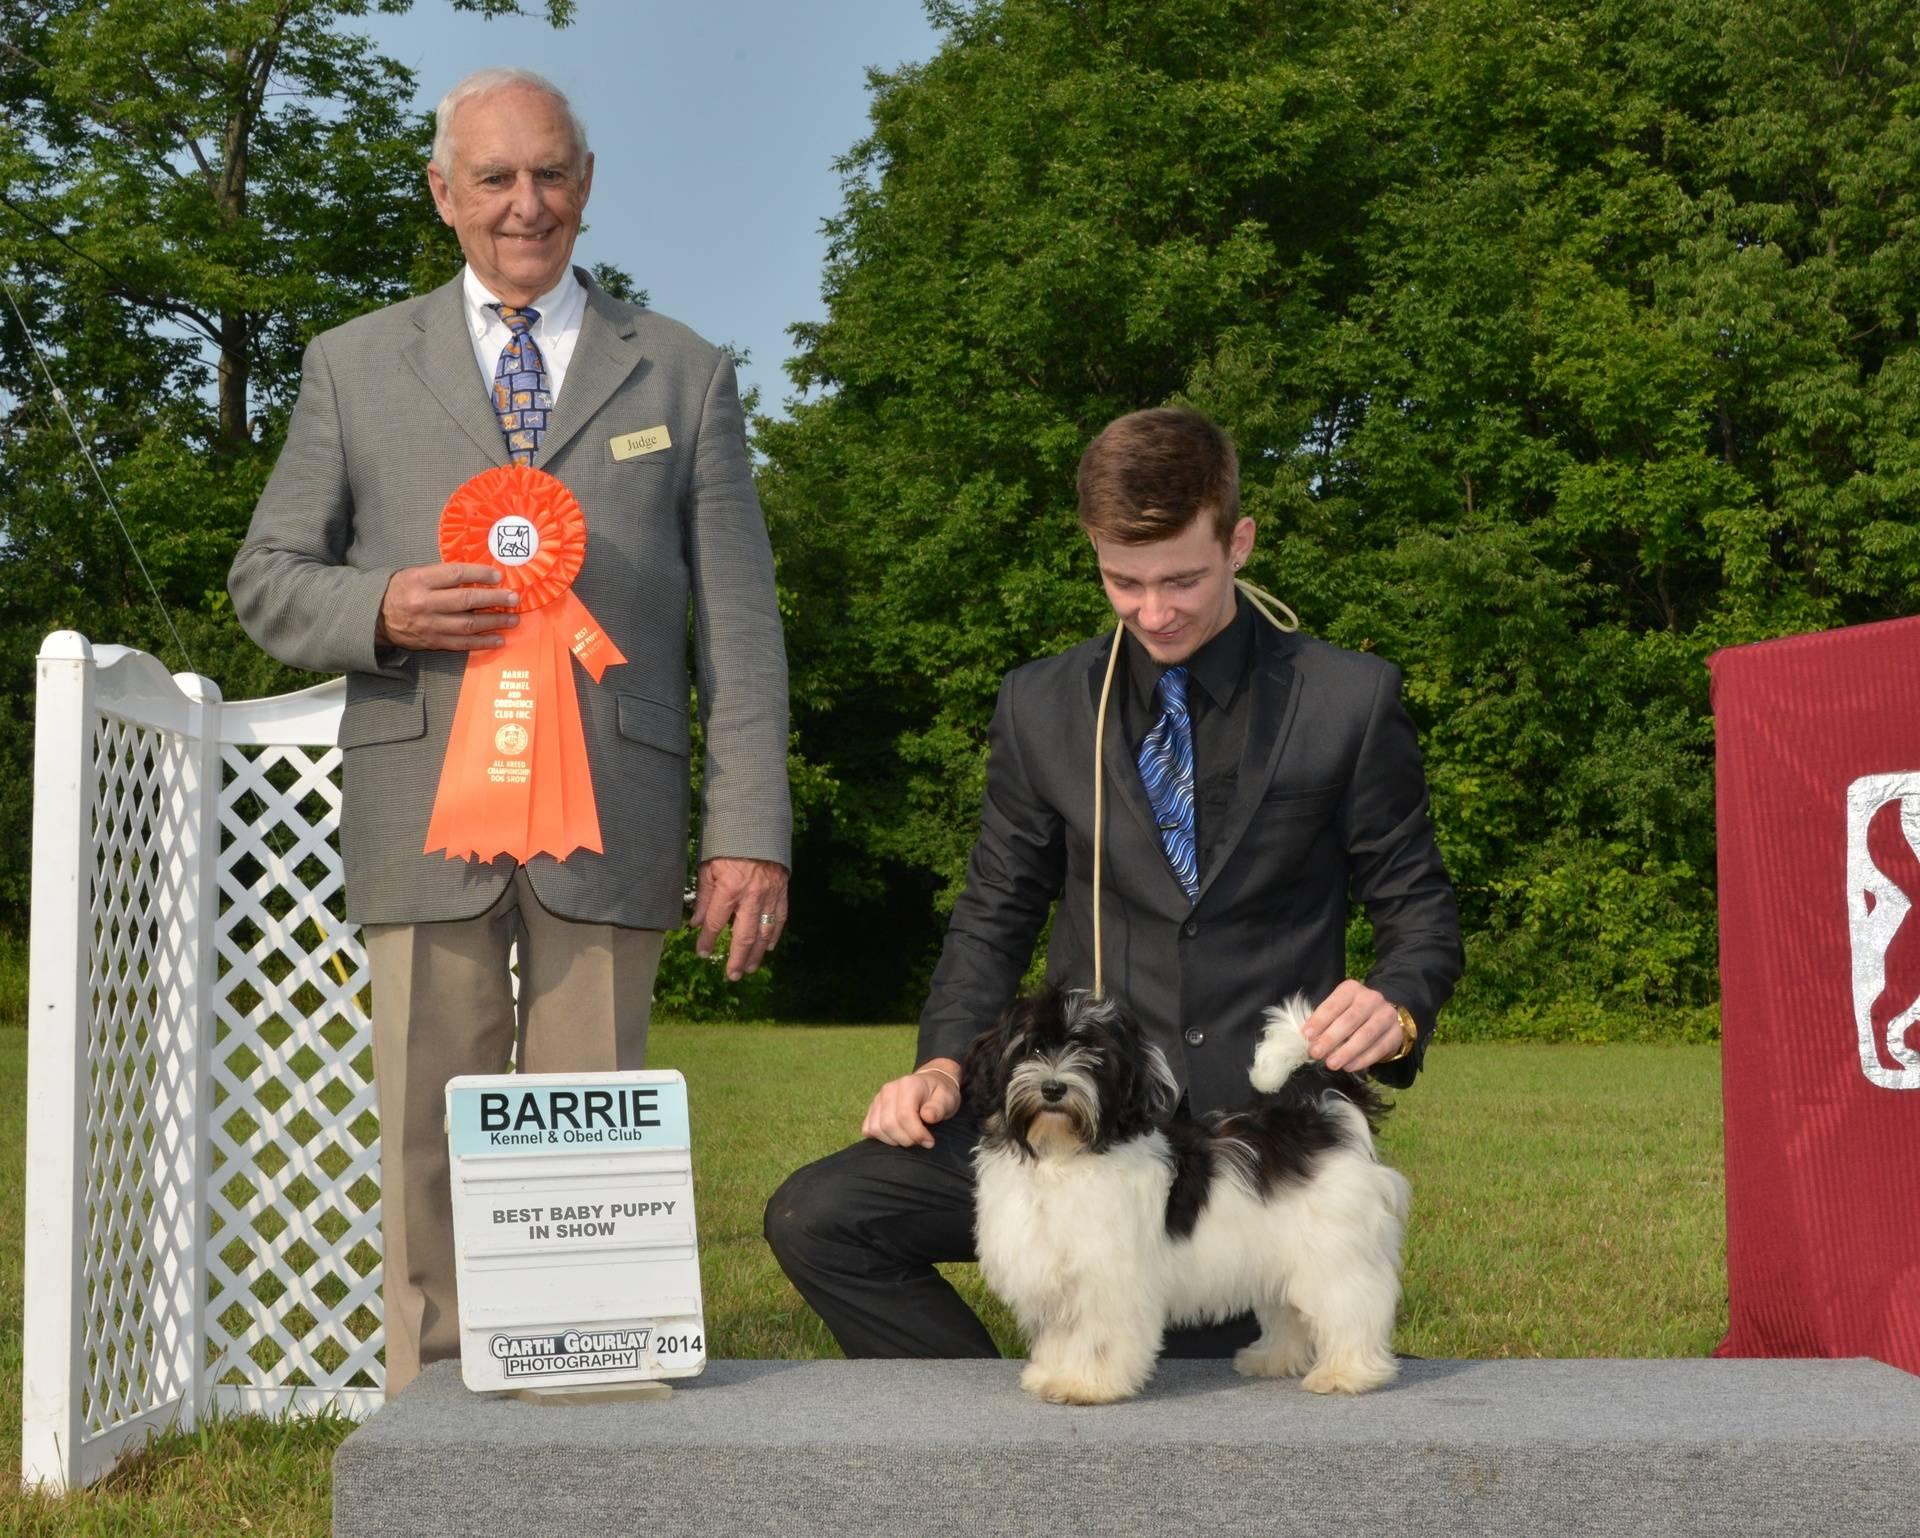 Saturday, August 2 - Best Baby Puppy In Show